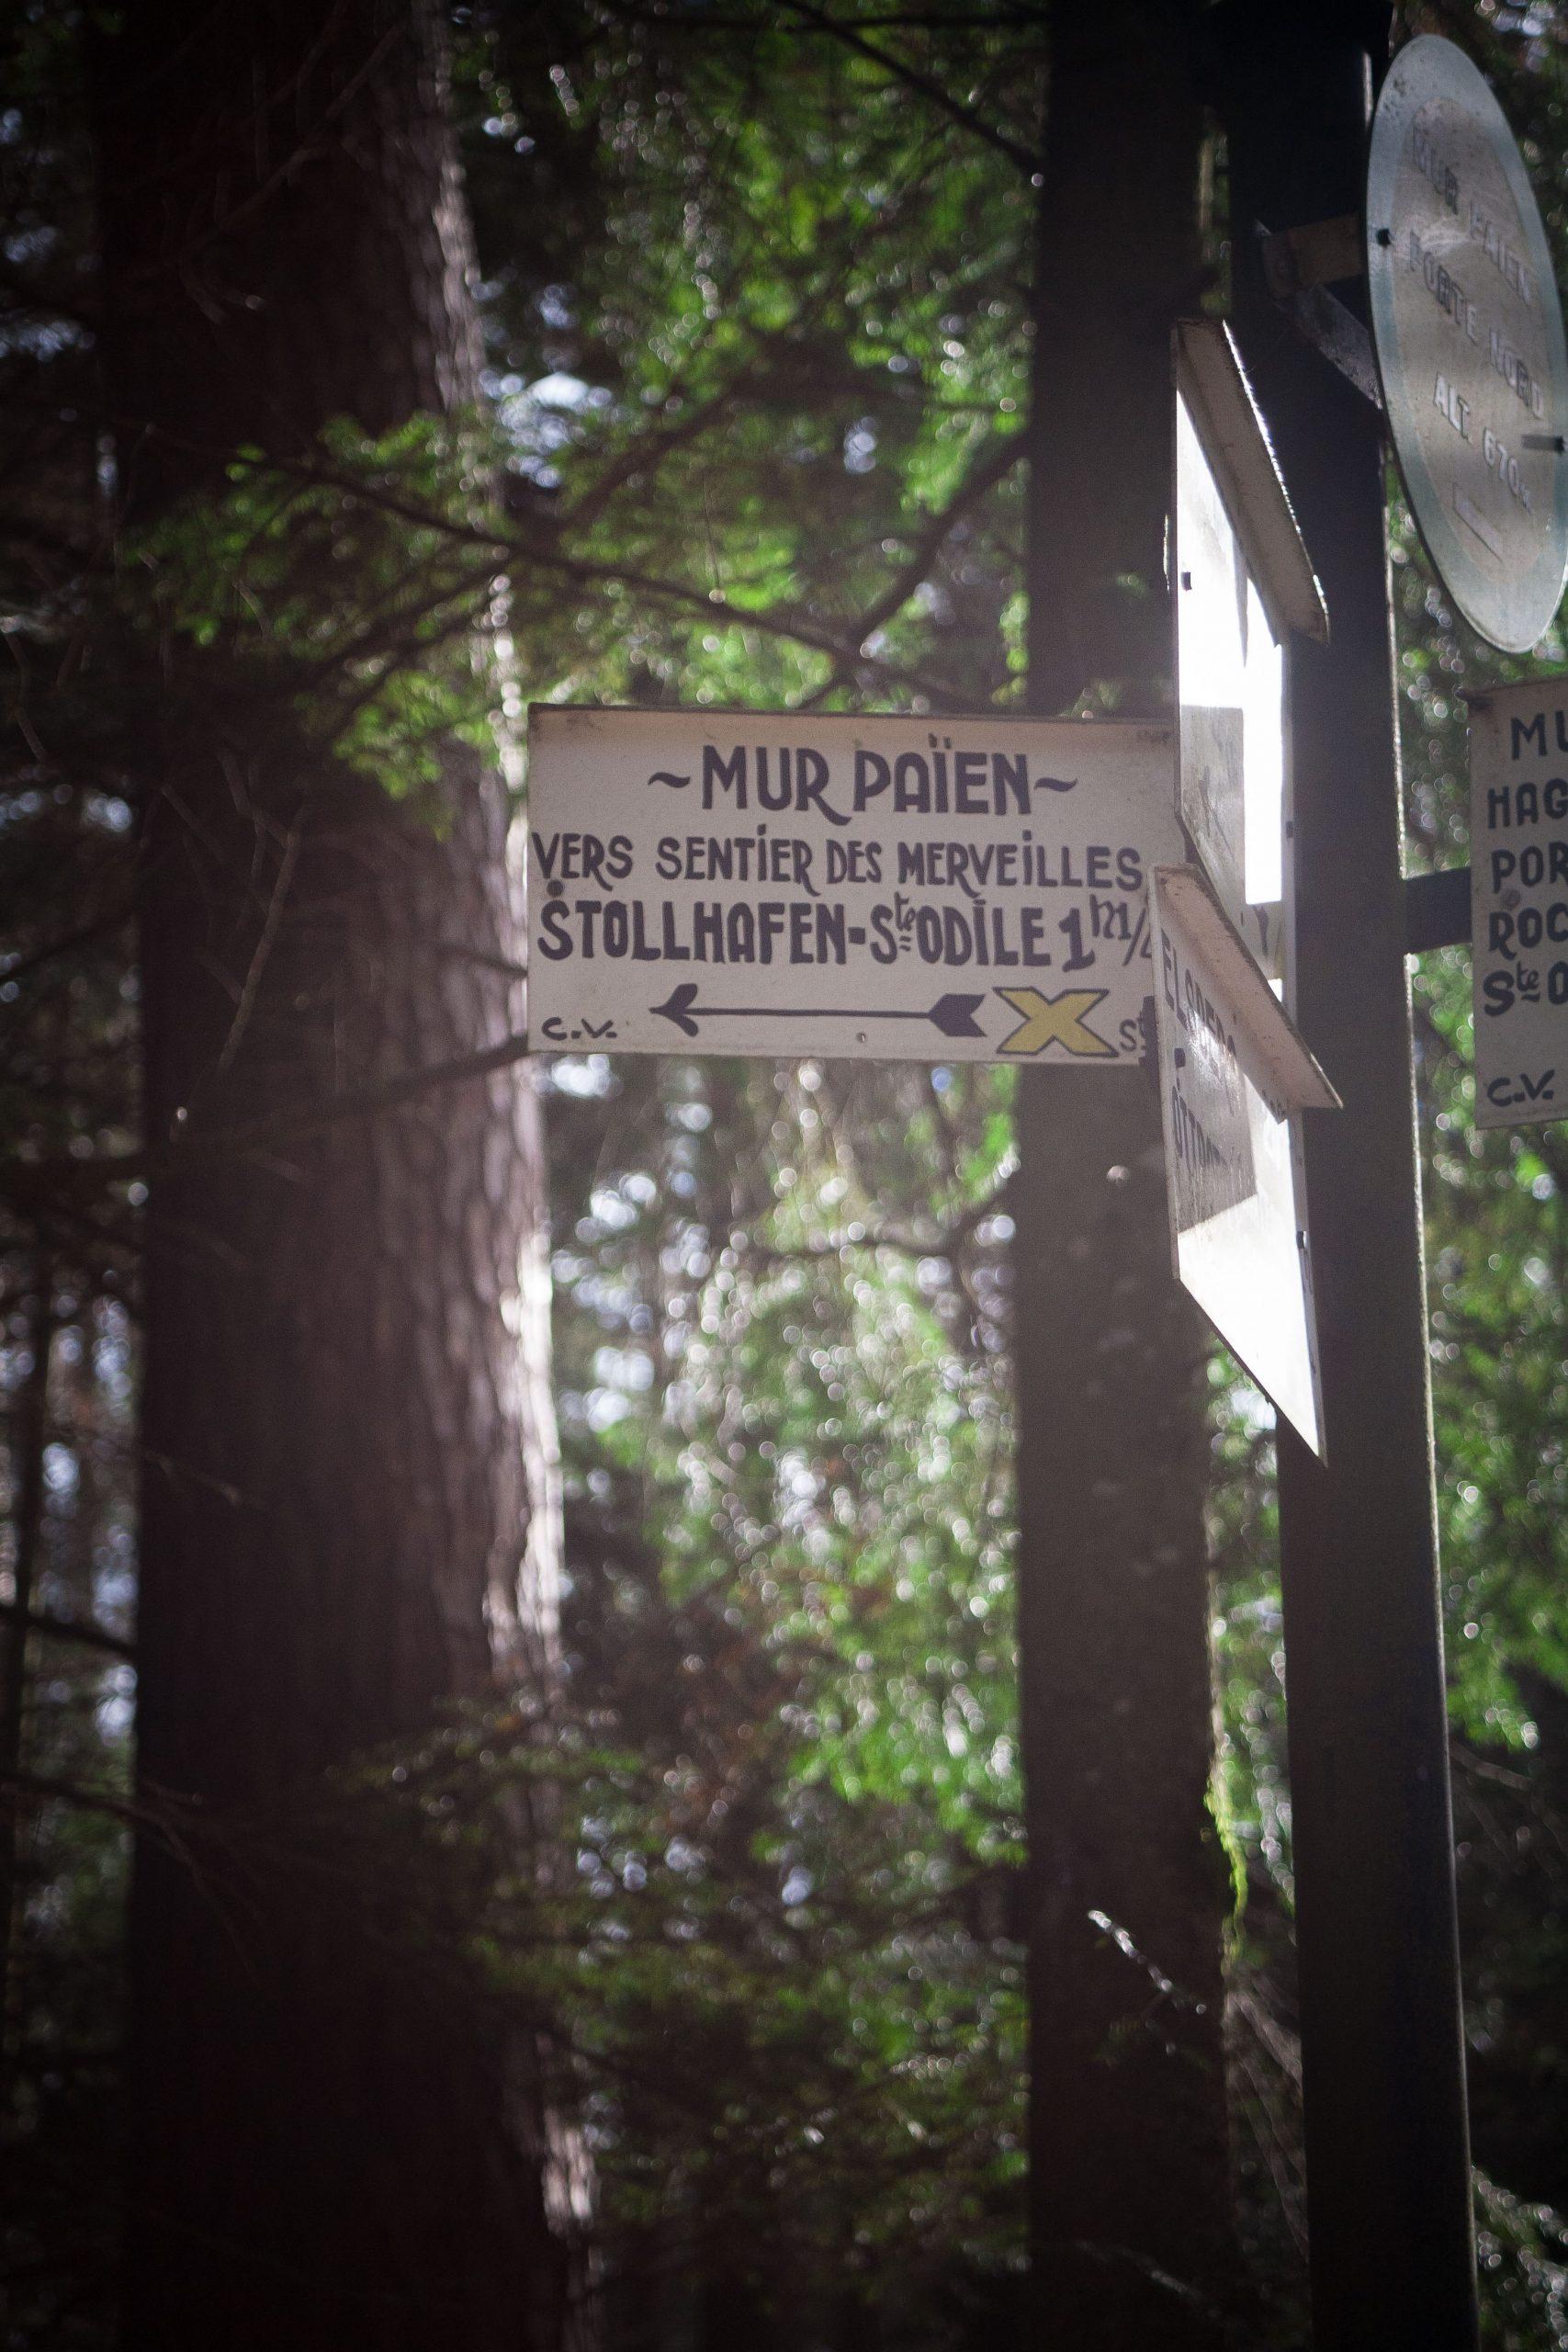 Panneau directionnel indiquant le Sentier des Merveilles à côté du Mont Sainte-Odile